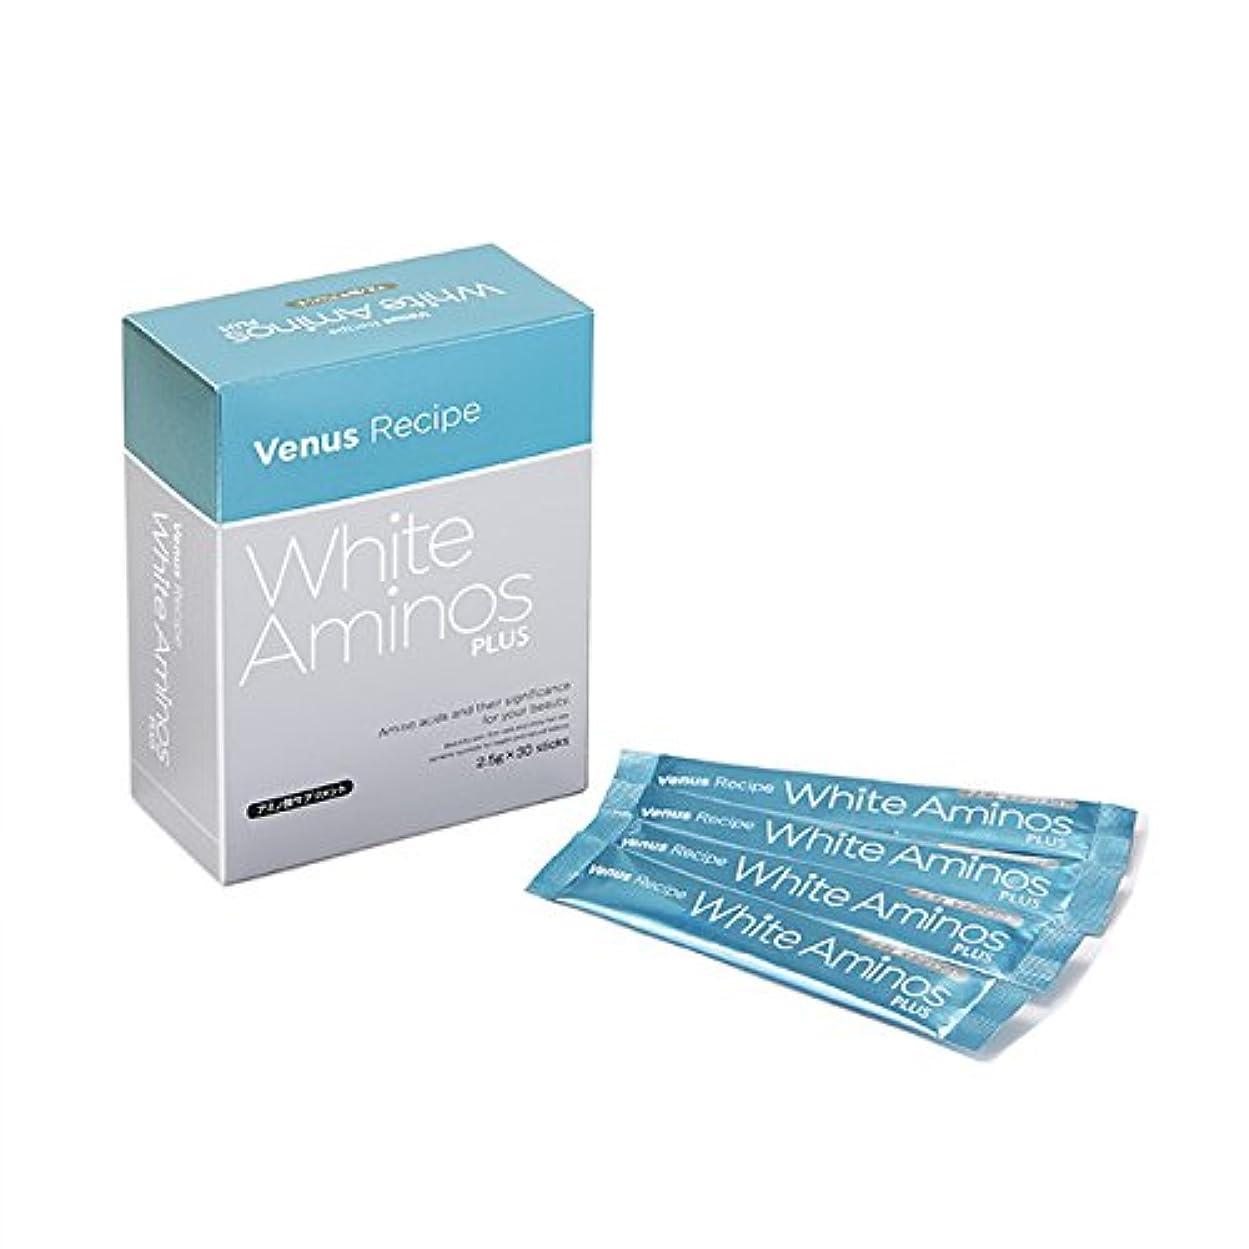 マージン行く結核アクシージア (AXXZIA) ヴィーナスレシピ ホワイト アミノズ プラス 75g(2.5g×30包)| アミノ酸